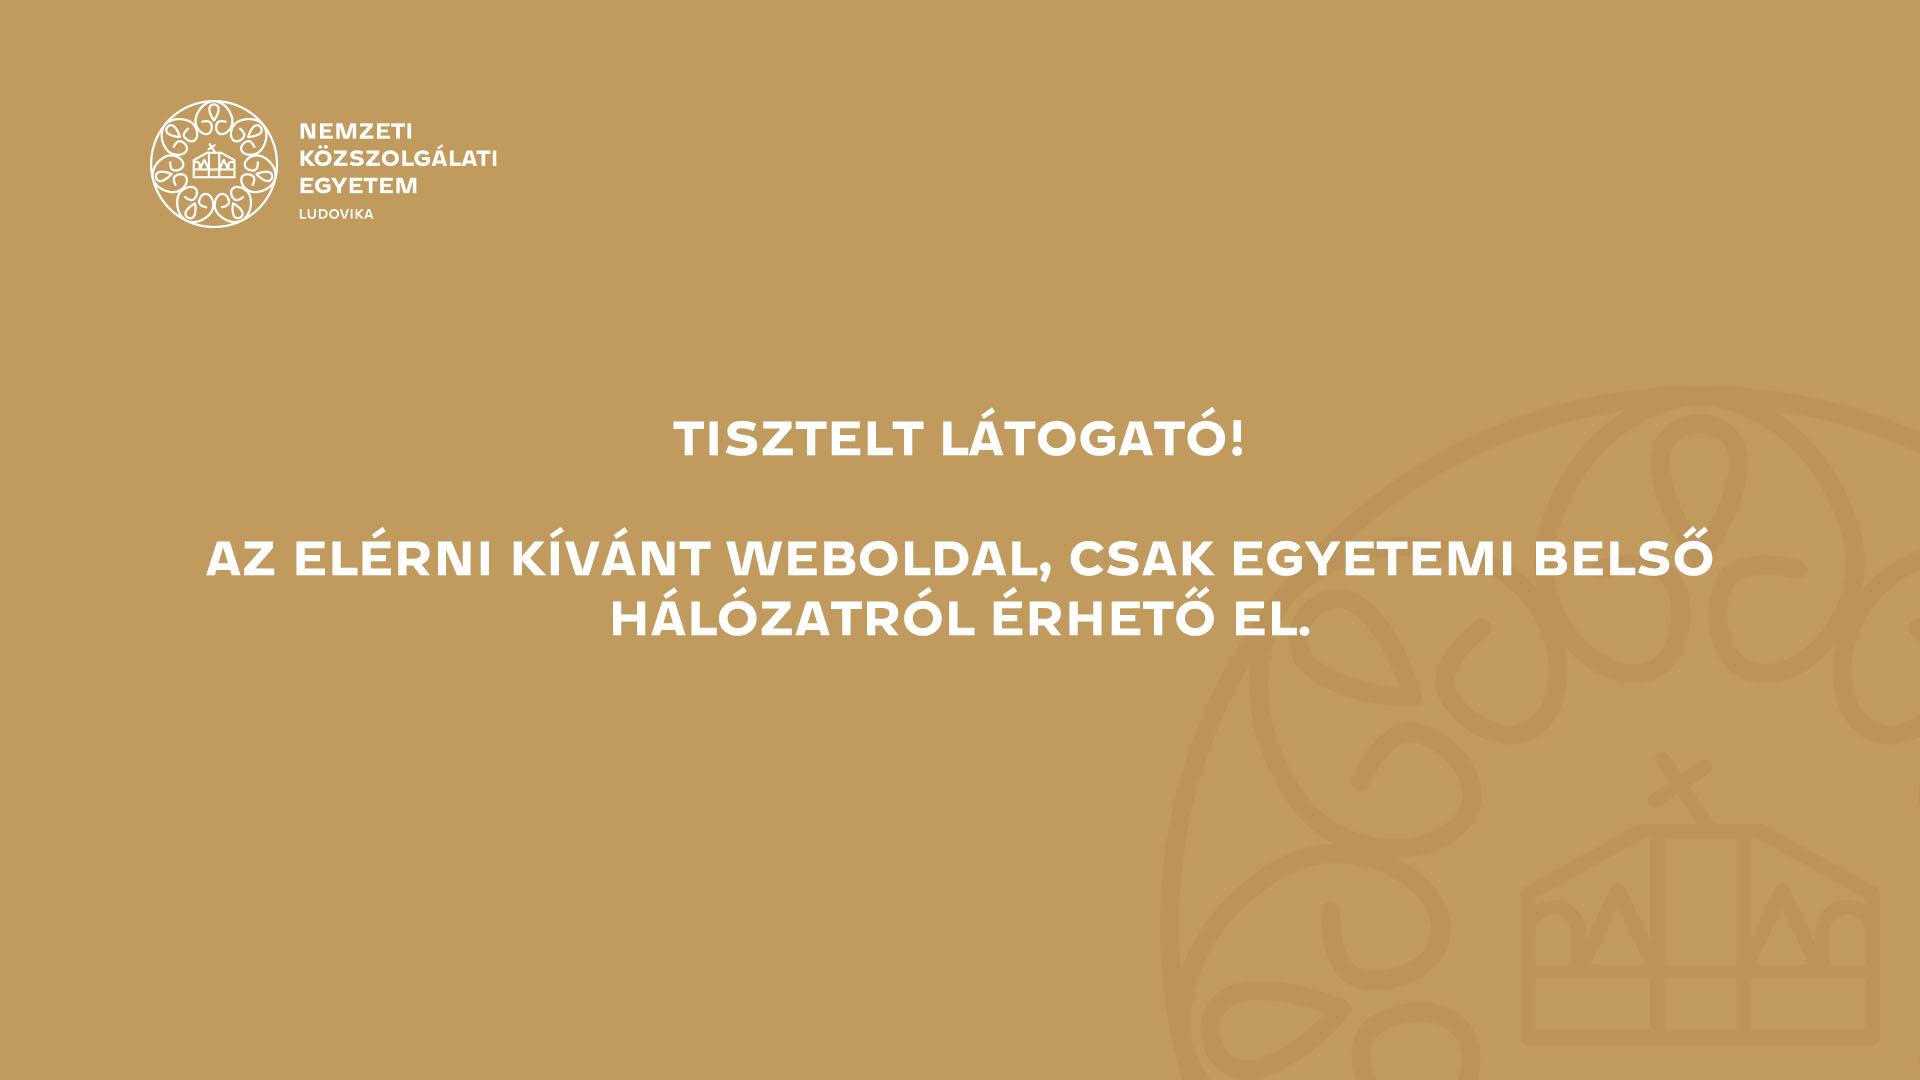 Ehok_fejlec